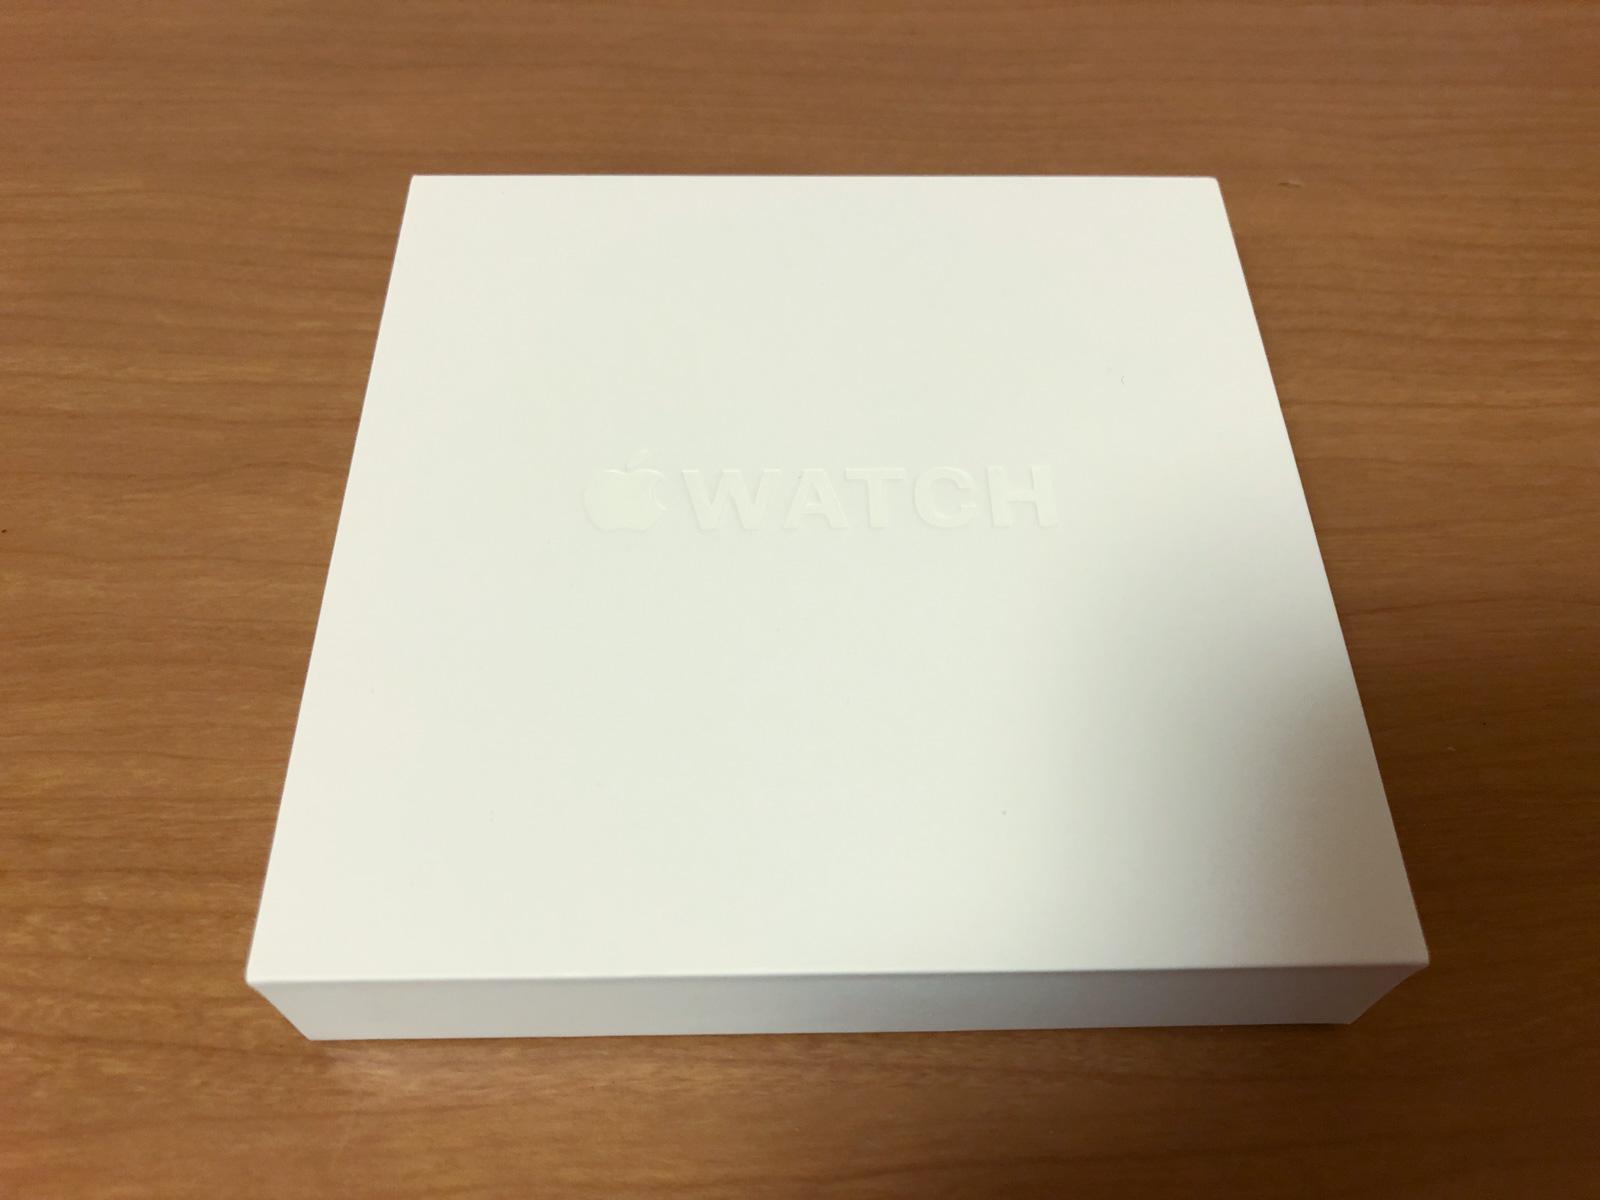 リペアセンターから配送されたApple Watchの箱